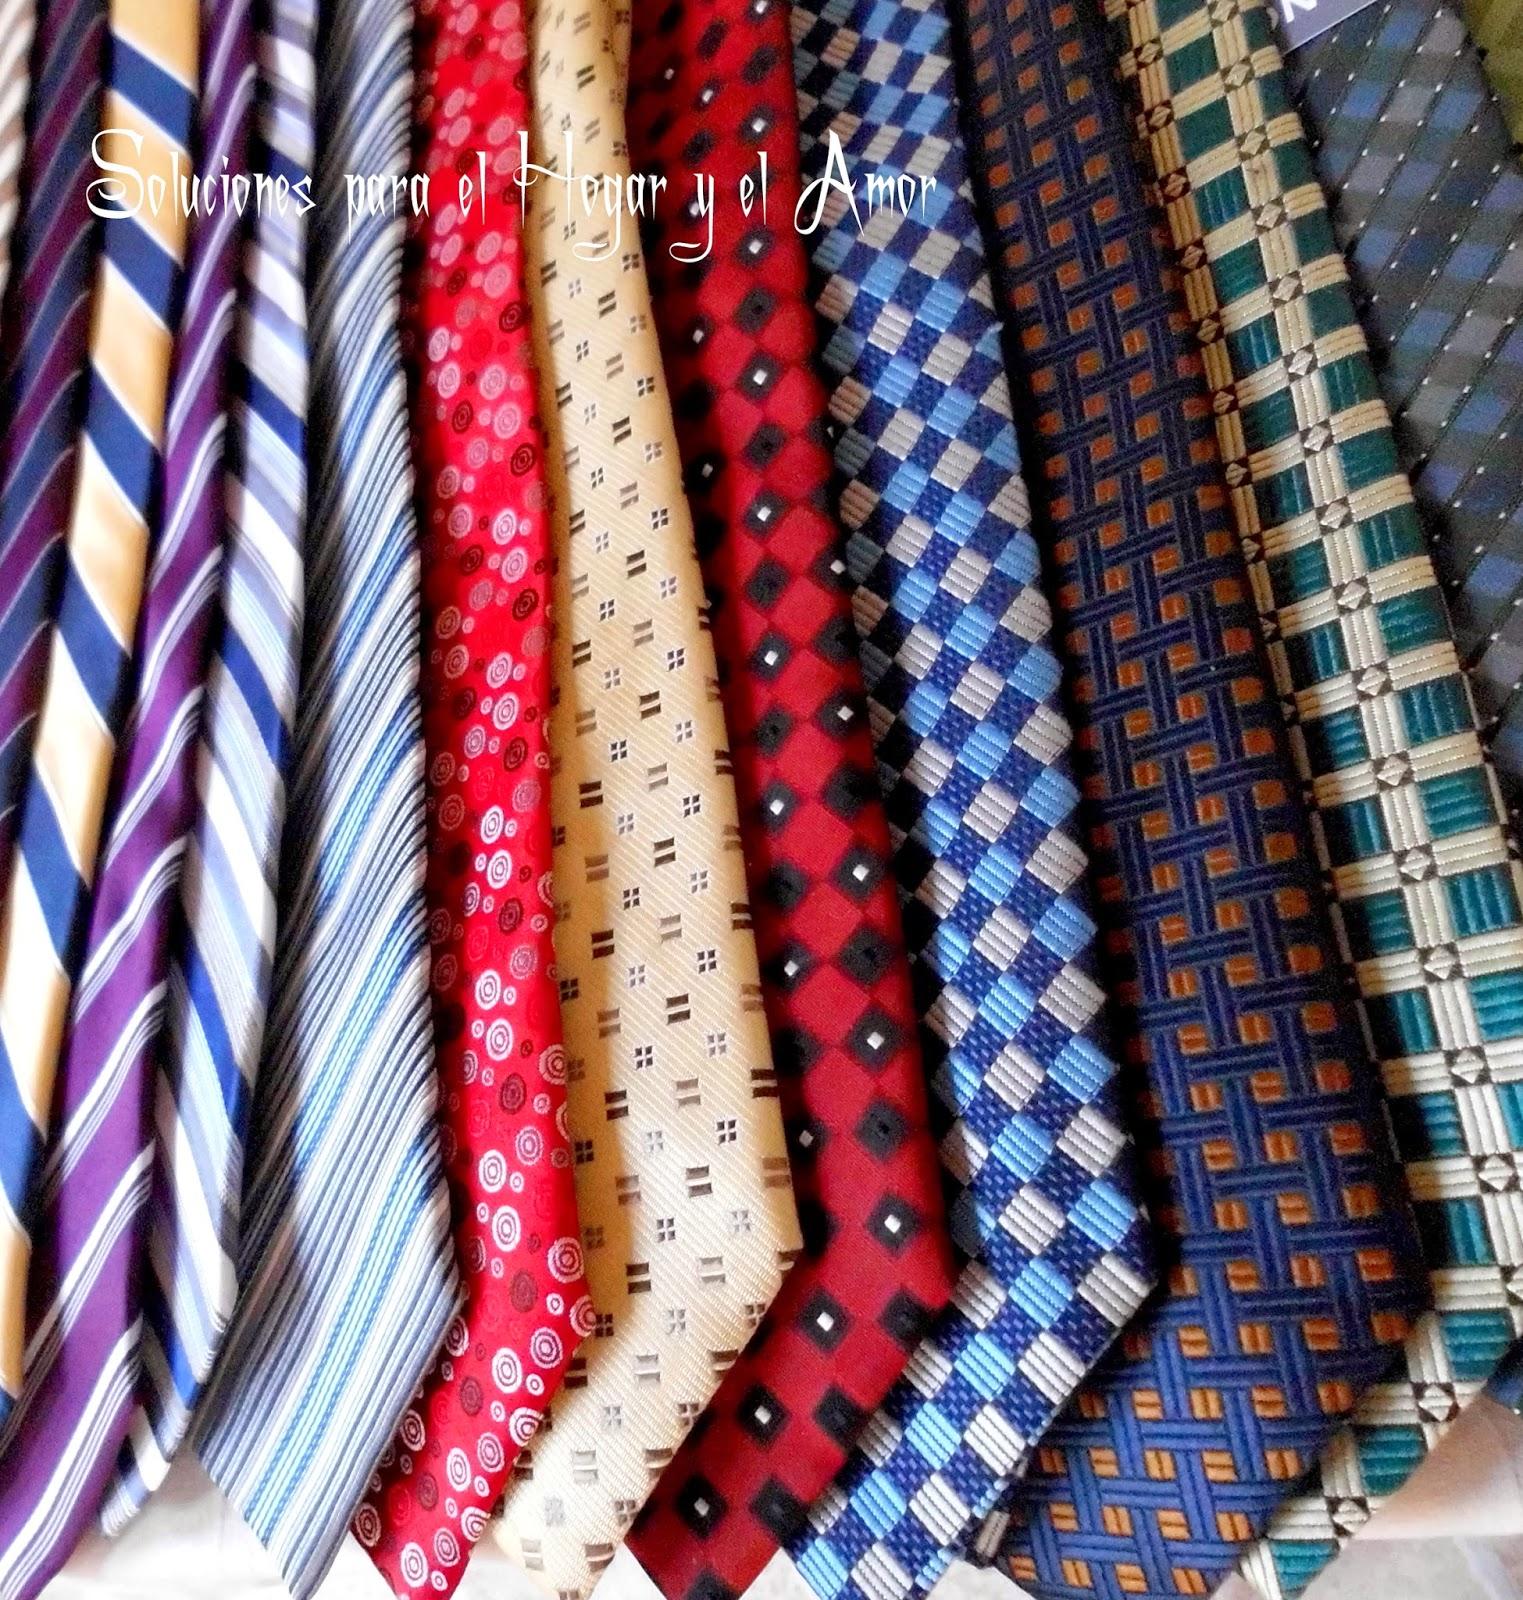 Corbatas de todos los colores y gustos, textiles, diseños